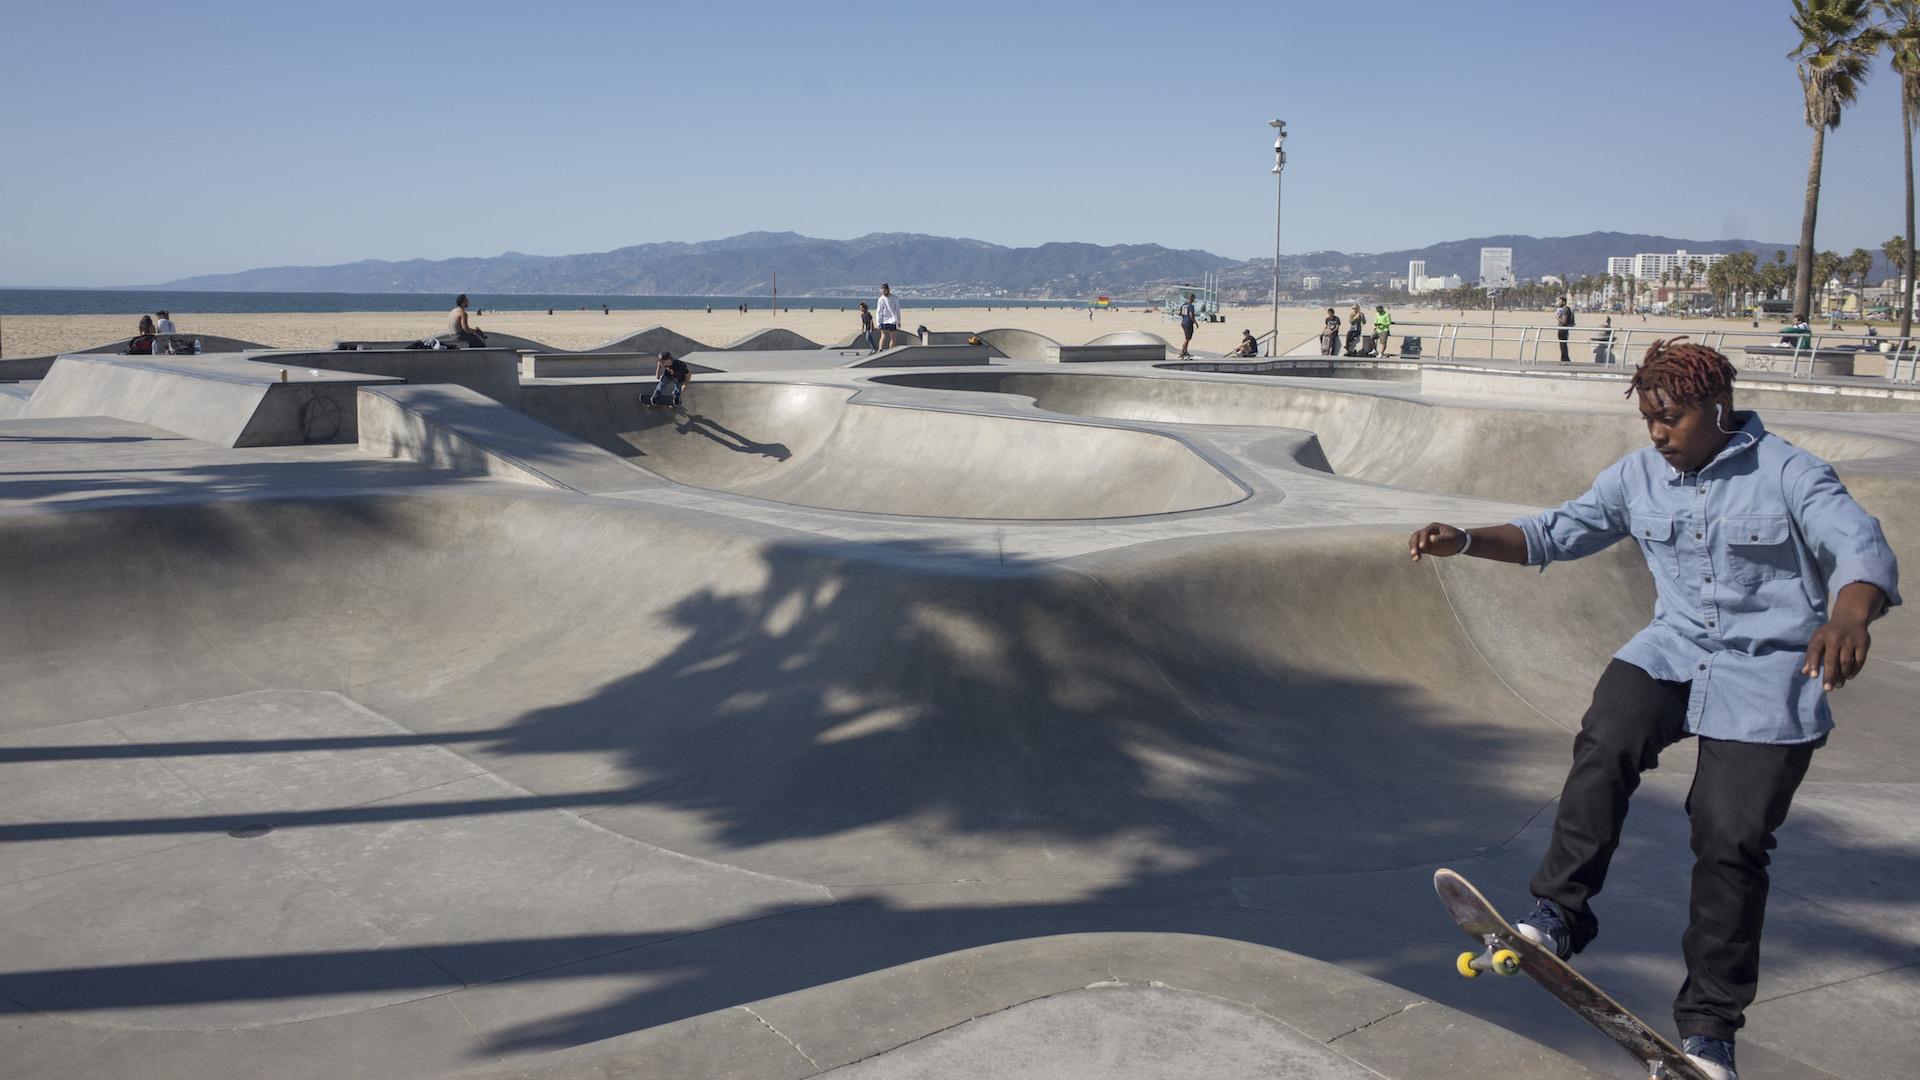 venice beach skate park by jevgenij tichonov.jpg